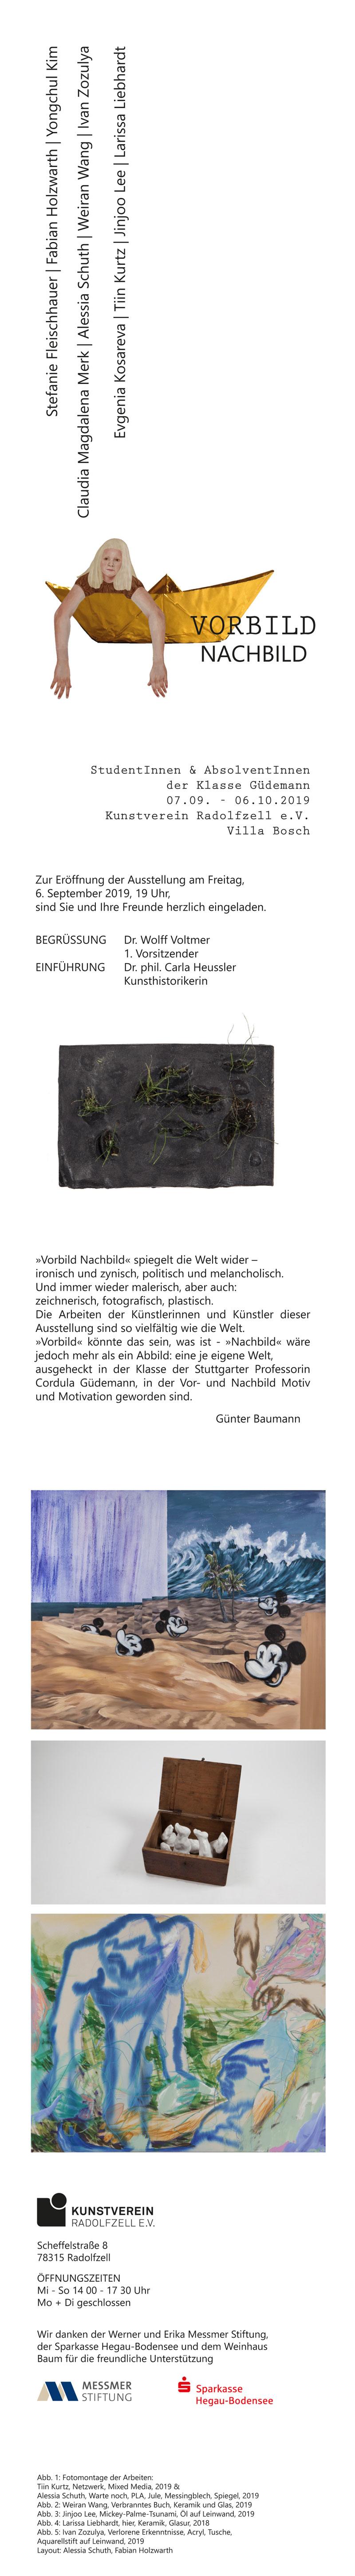 Radolfzell_Villa_Bosch_Einladung